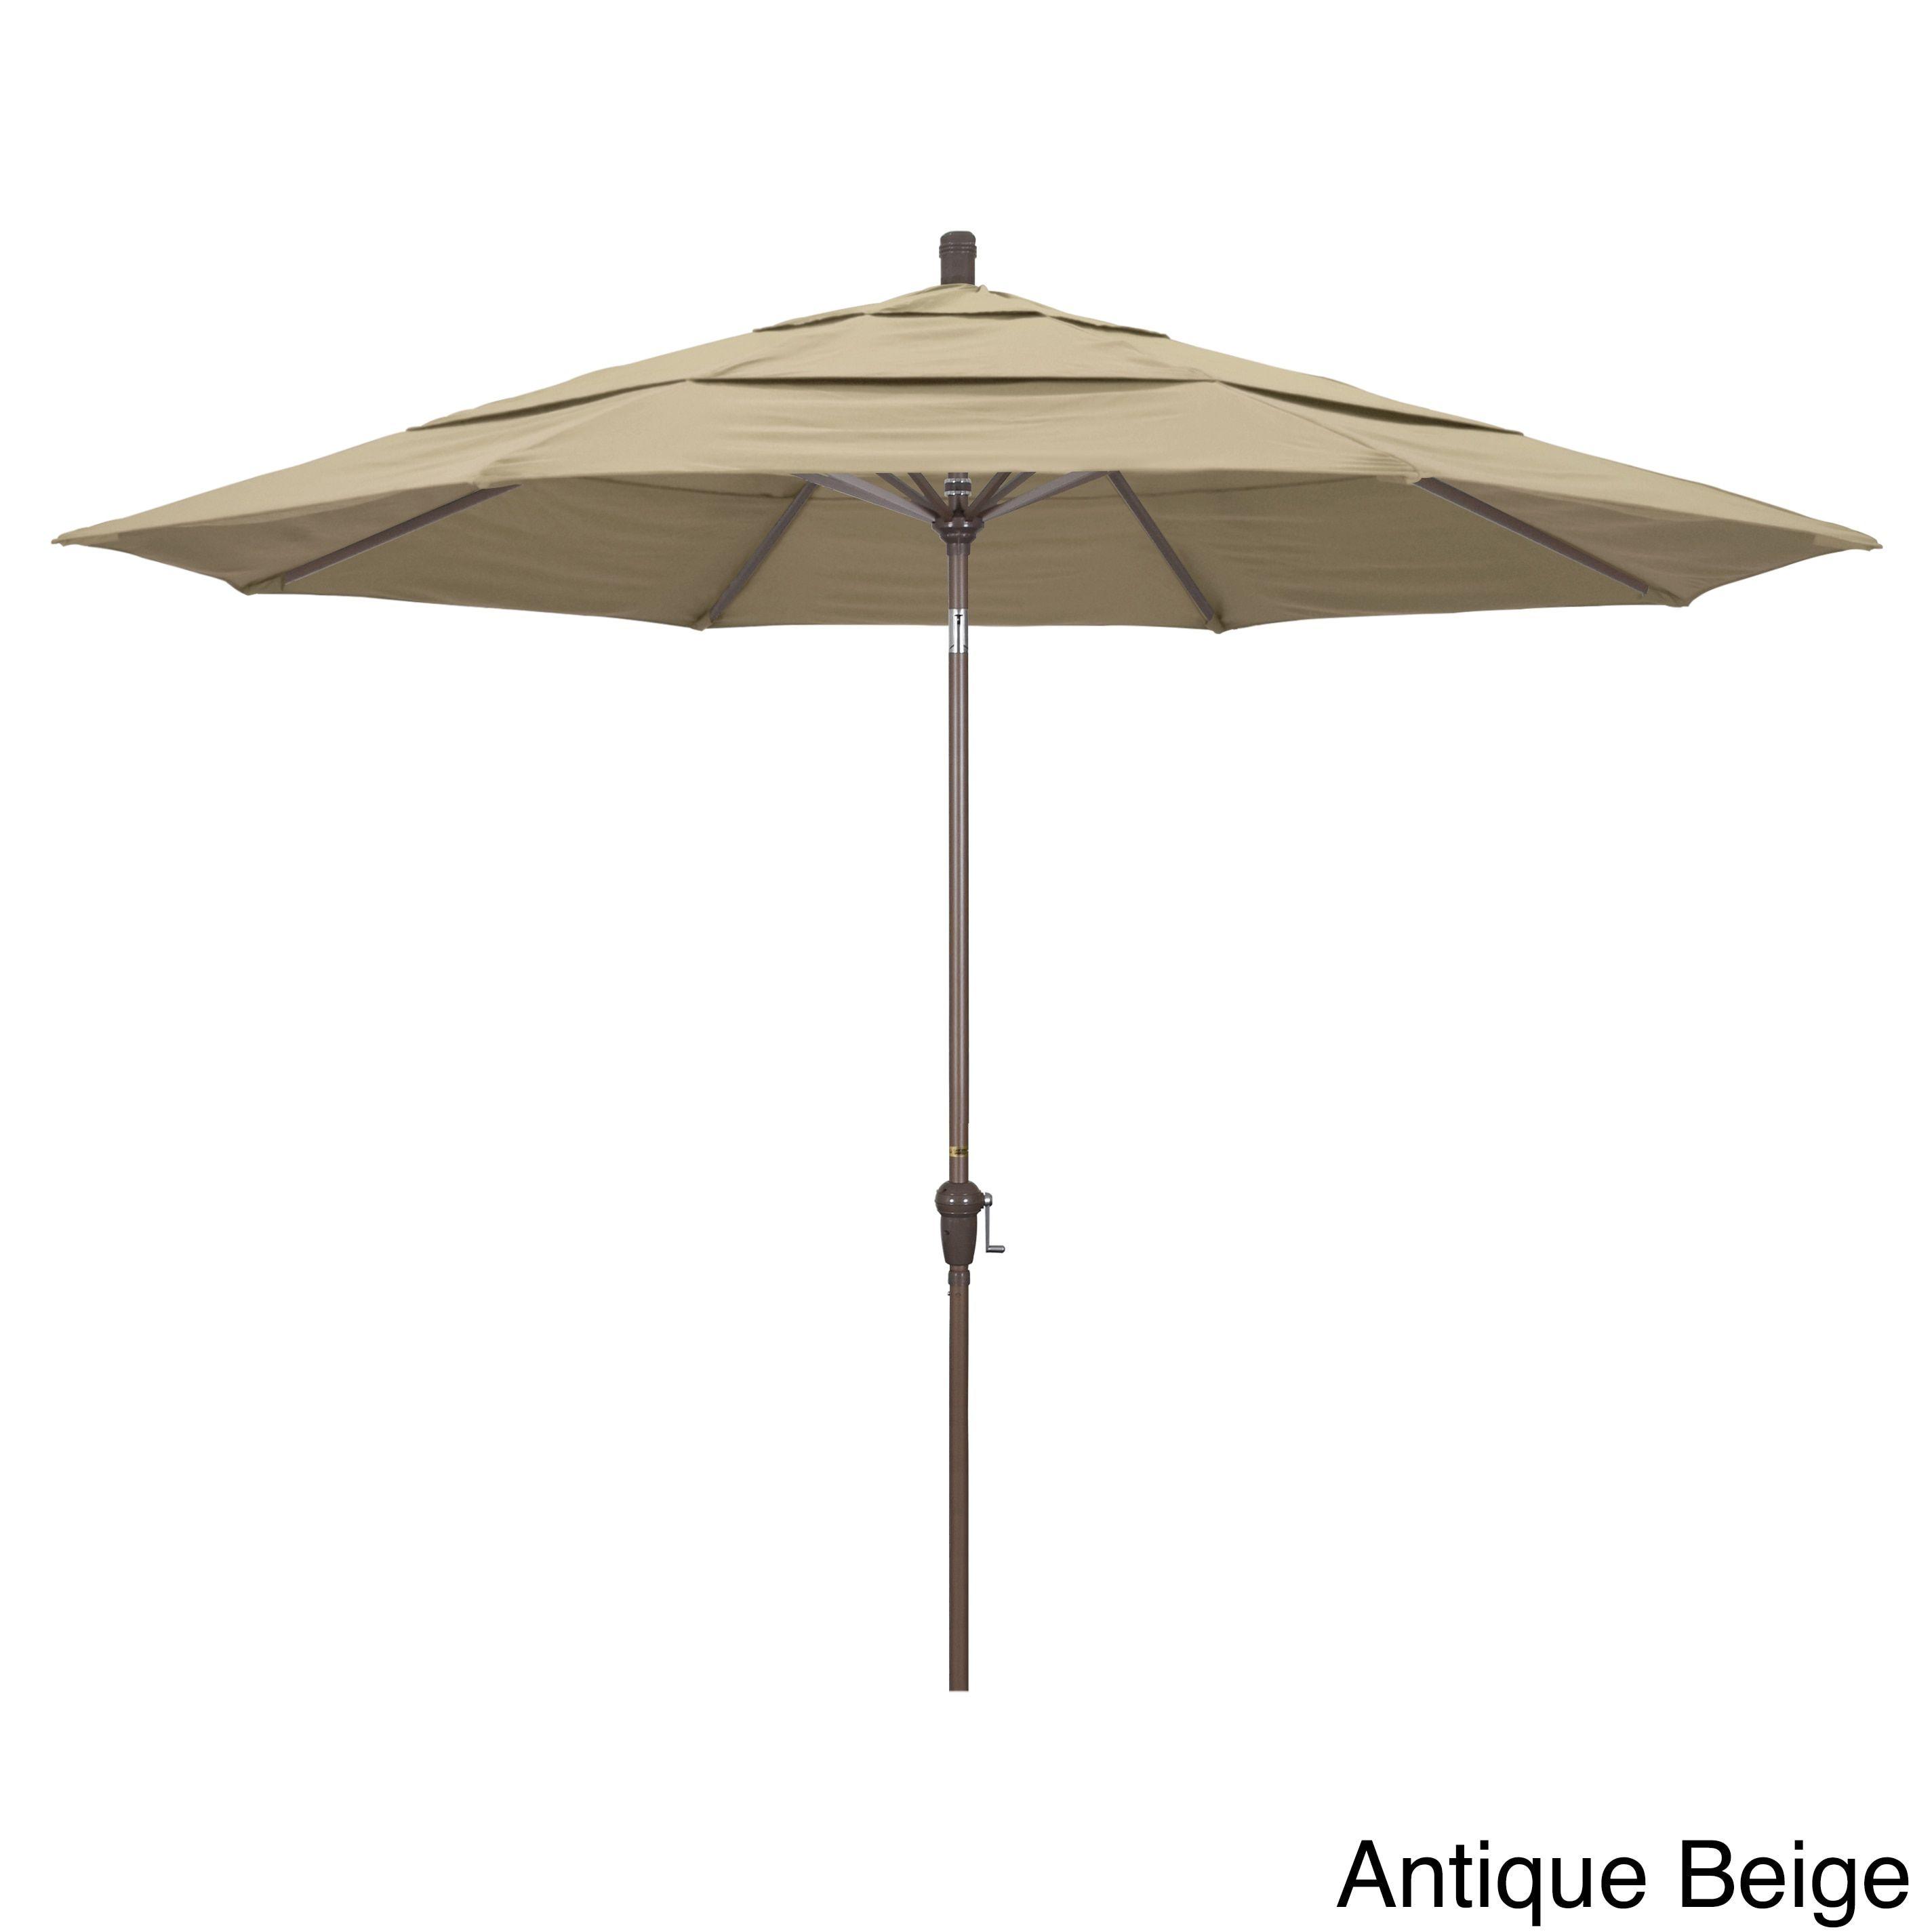 California Umbrella 11' Rd. Crank Open Auto Tlit Market Umbrella, Champagne Finish, Double Wind Vent, Sunbrella Fabric